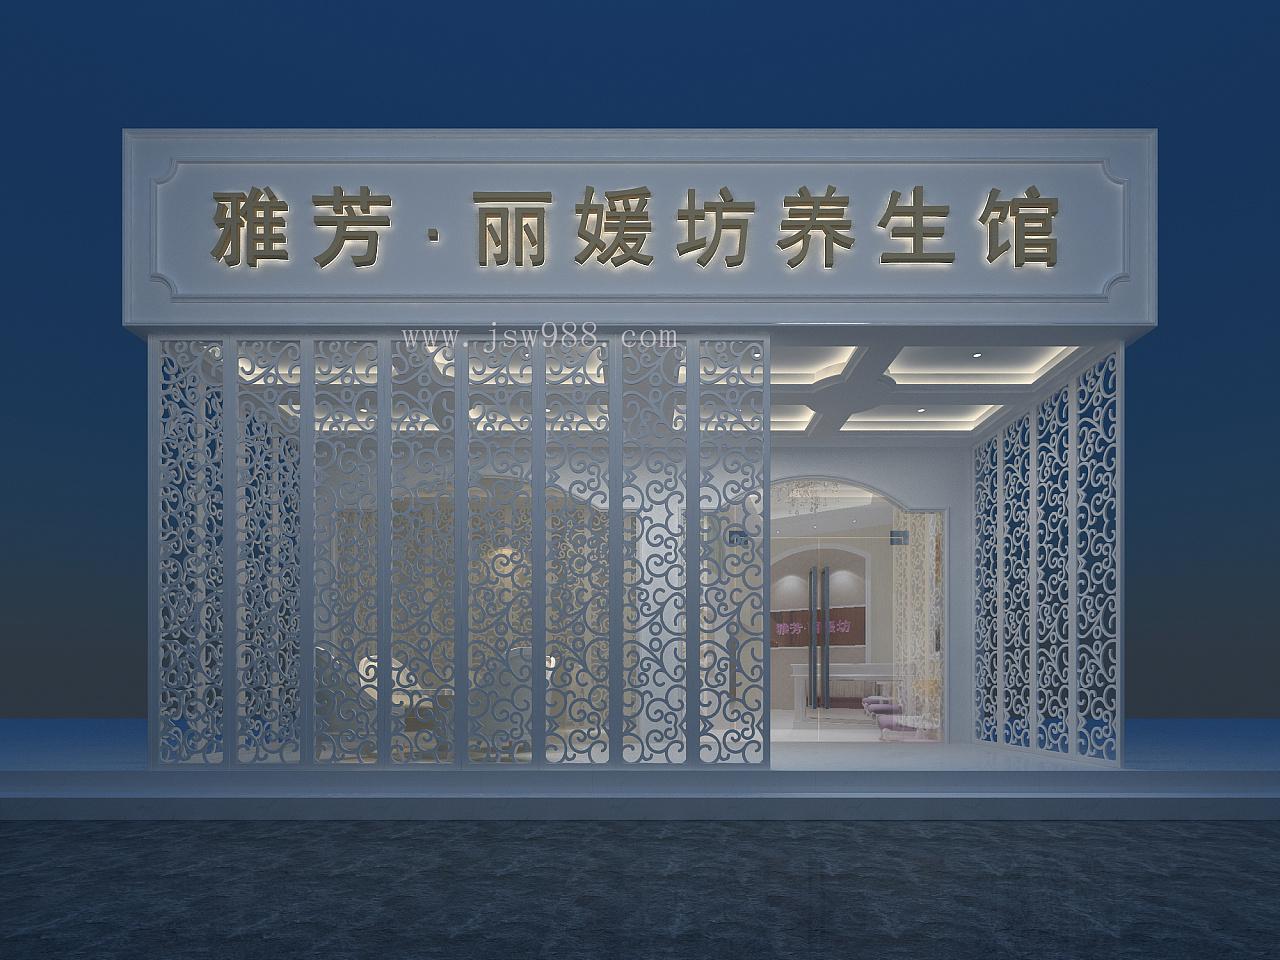 广州雅芳丽媛美容院门头外招牌装修设计效果图图片